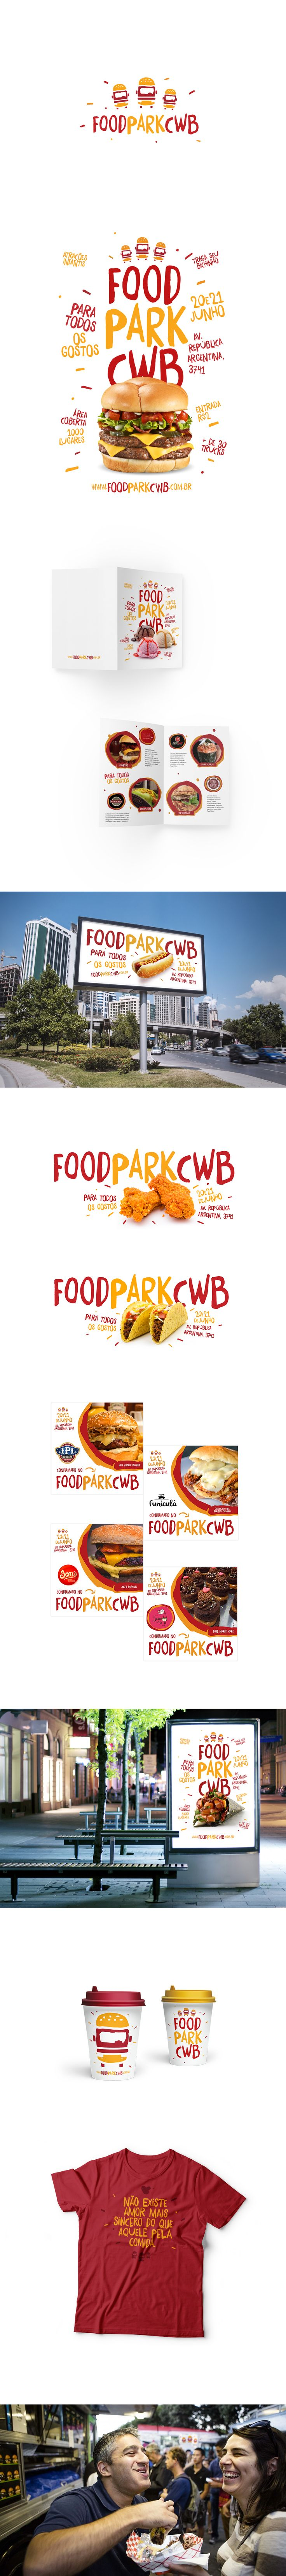 Identidade visual criada para festival de food truck #logo #design #branding